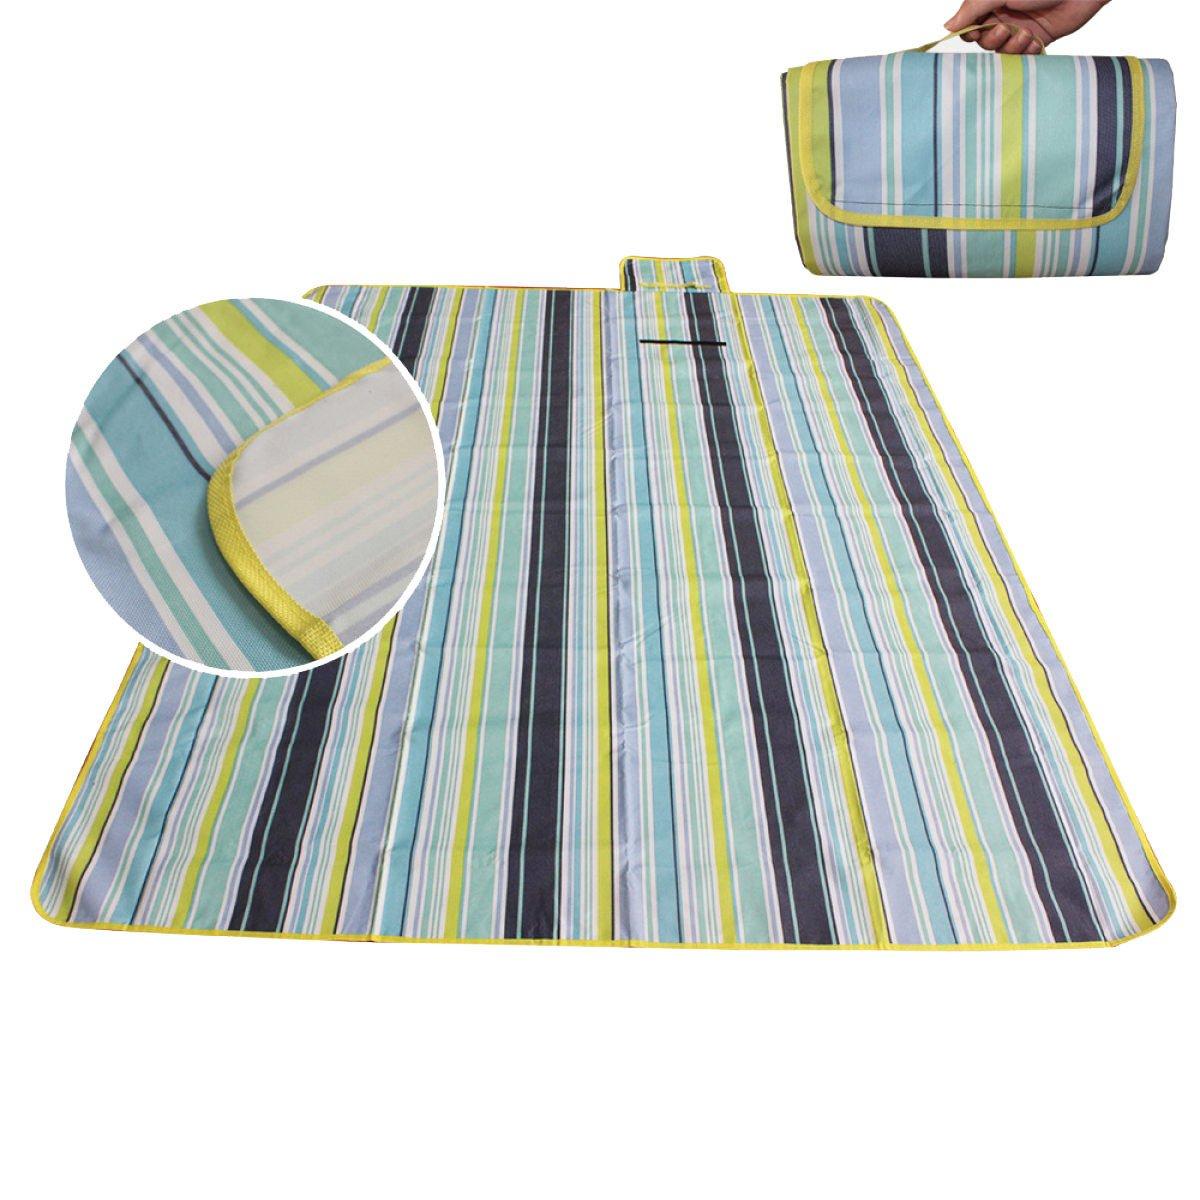 Outdoor Strand Wasserdicht Oxford Tuch Kinderkissen Kriechen Strand Abdeckung Zelte Picknick-Matten Faltbar 200 X 200 Cm,300*300cm